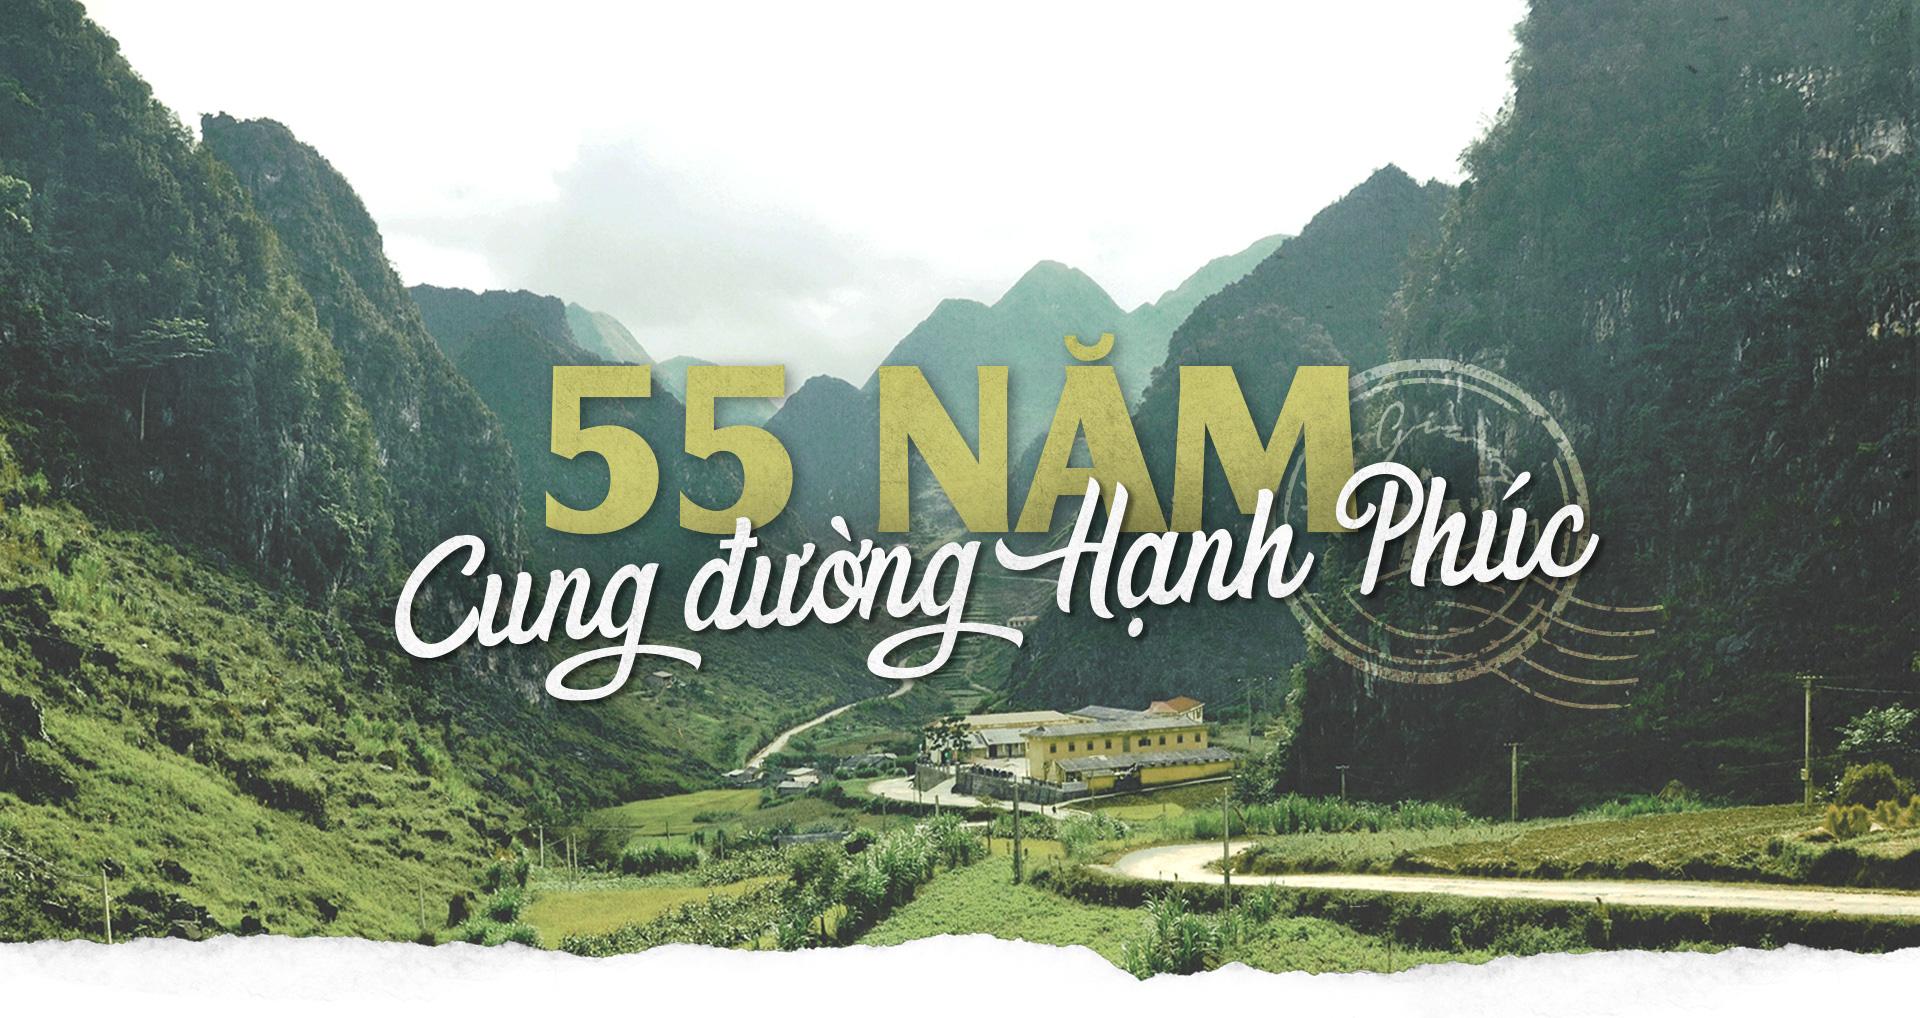 55 năm cung đường hạnh phúc